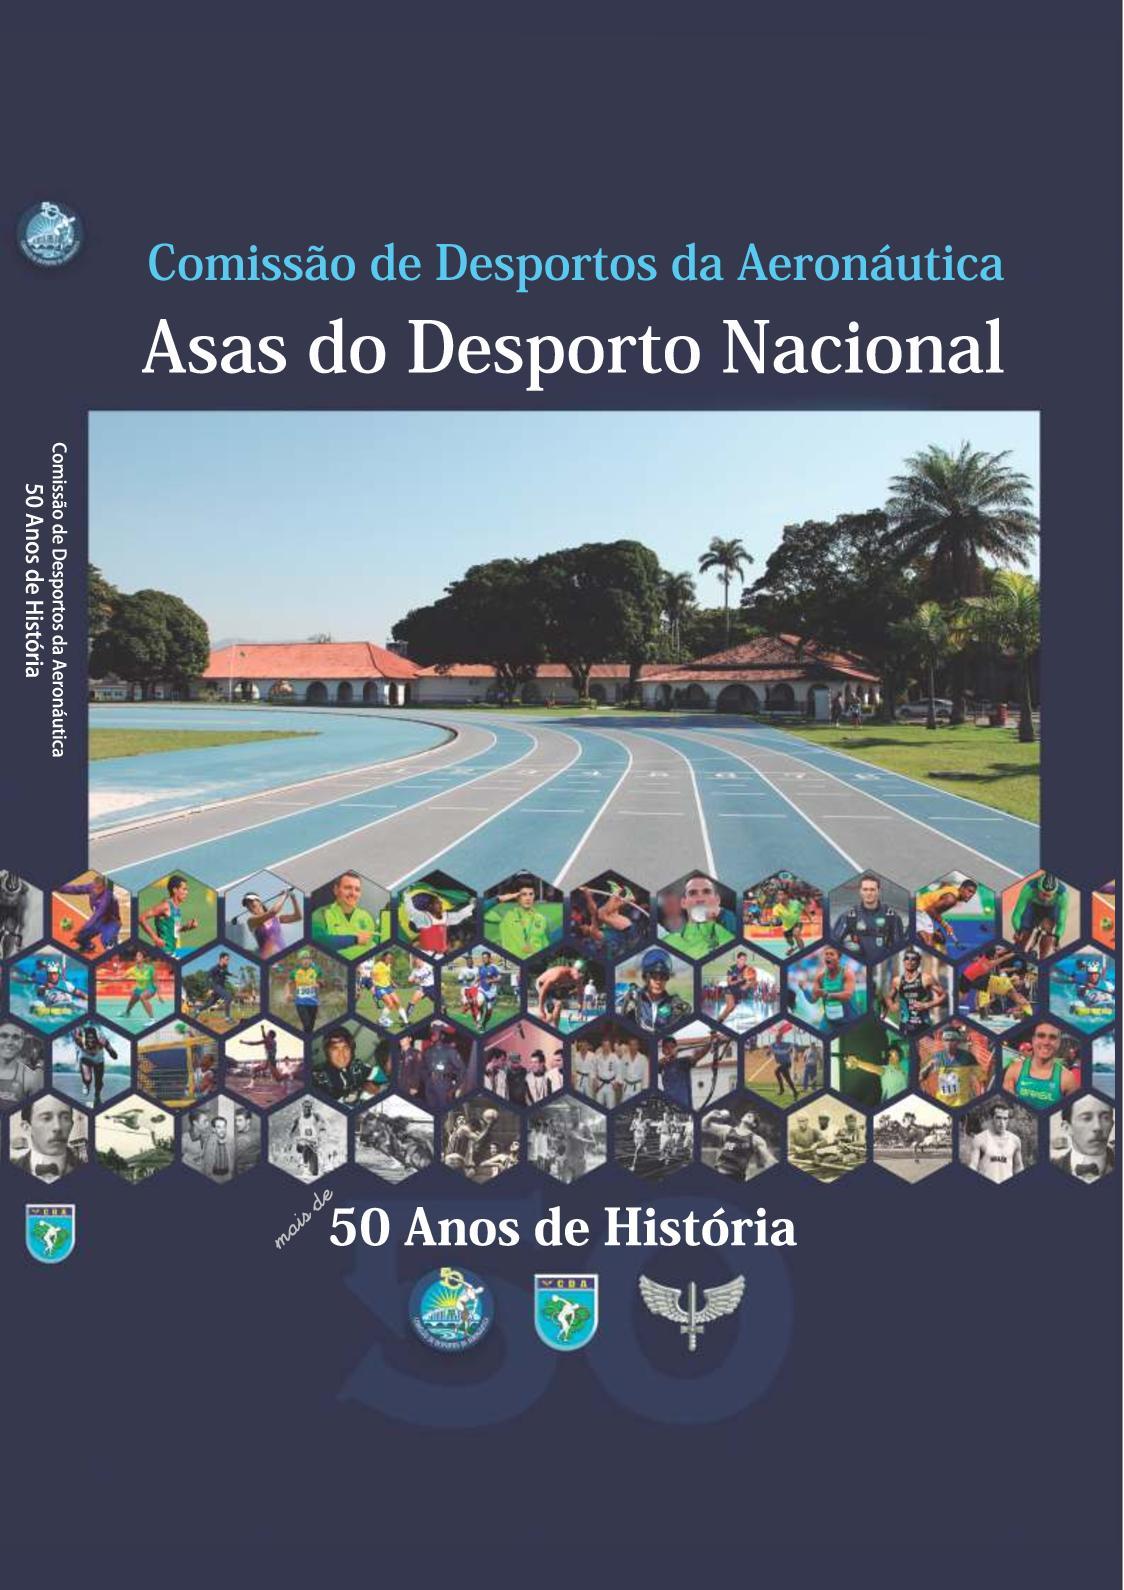 Calaméo - CDA - mais de 50 anos de História